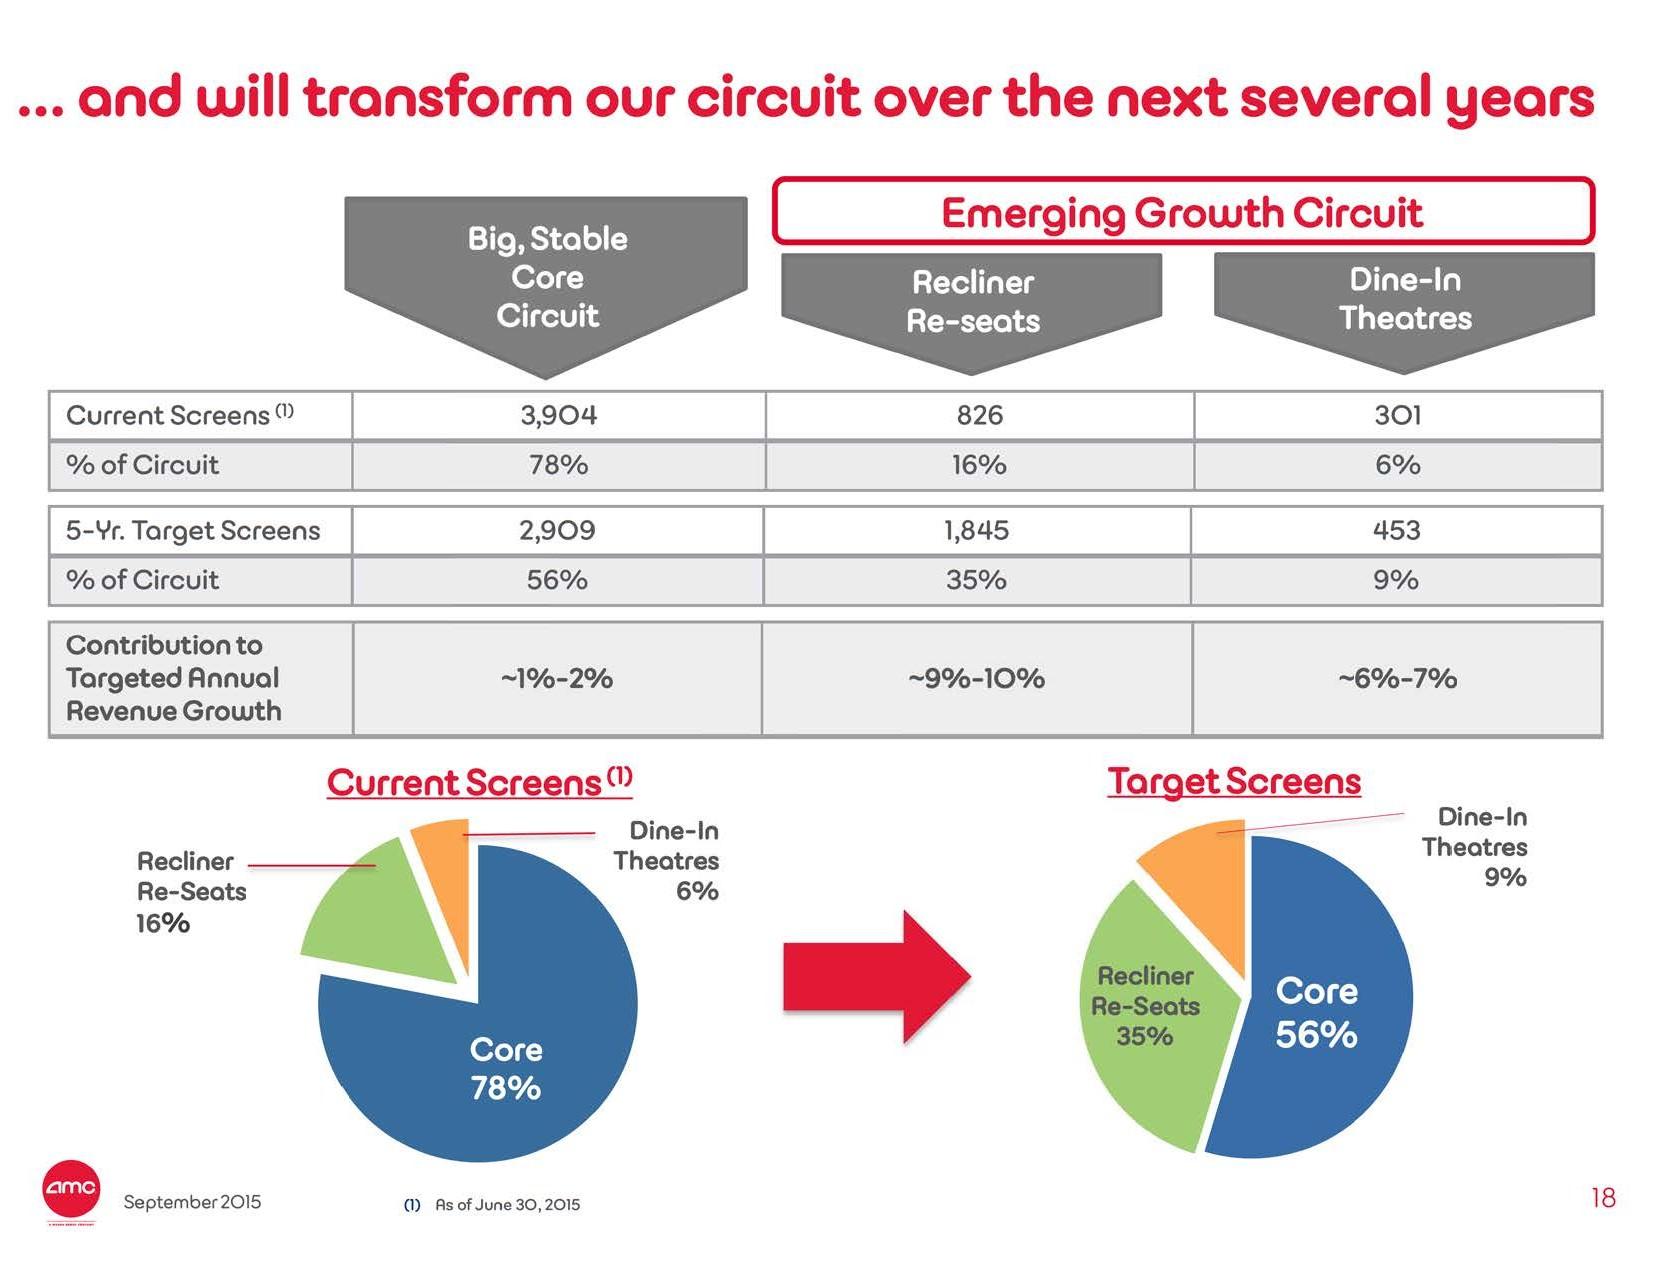 Successful Strategies: Premium Auditoriums and Enhanced